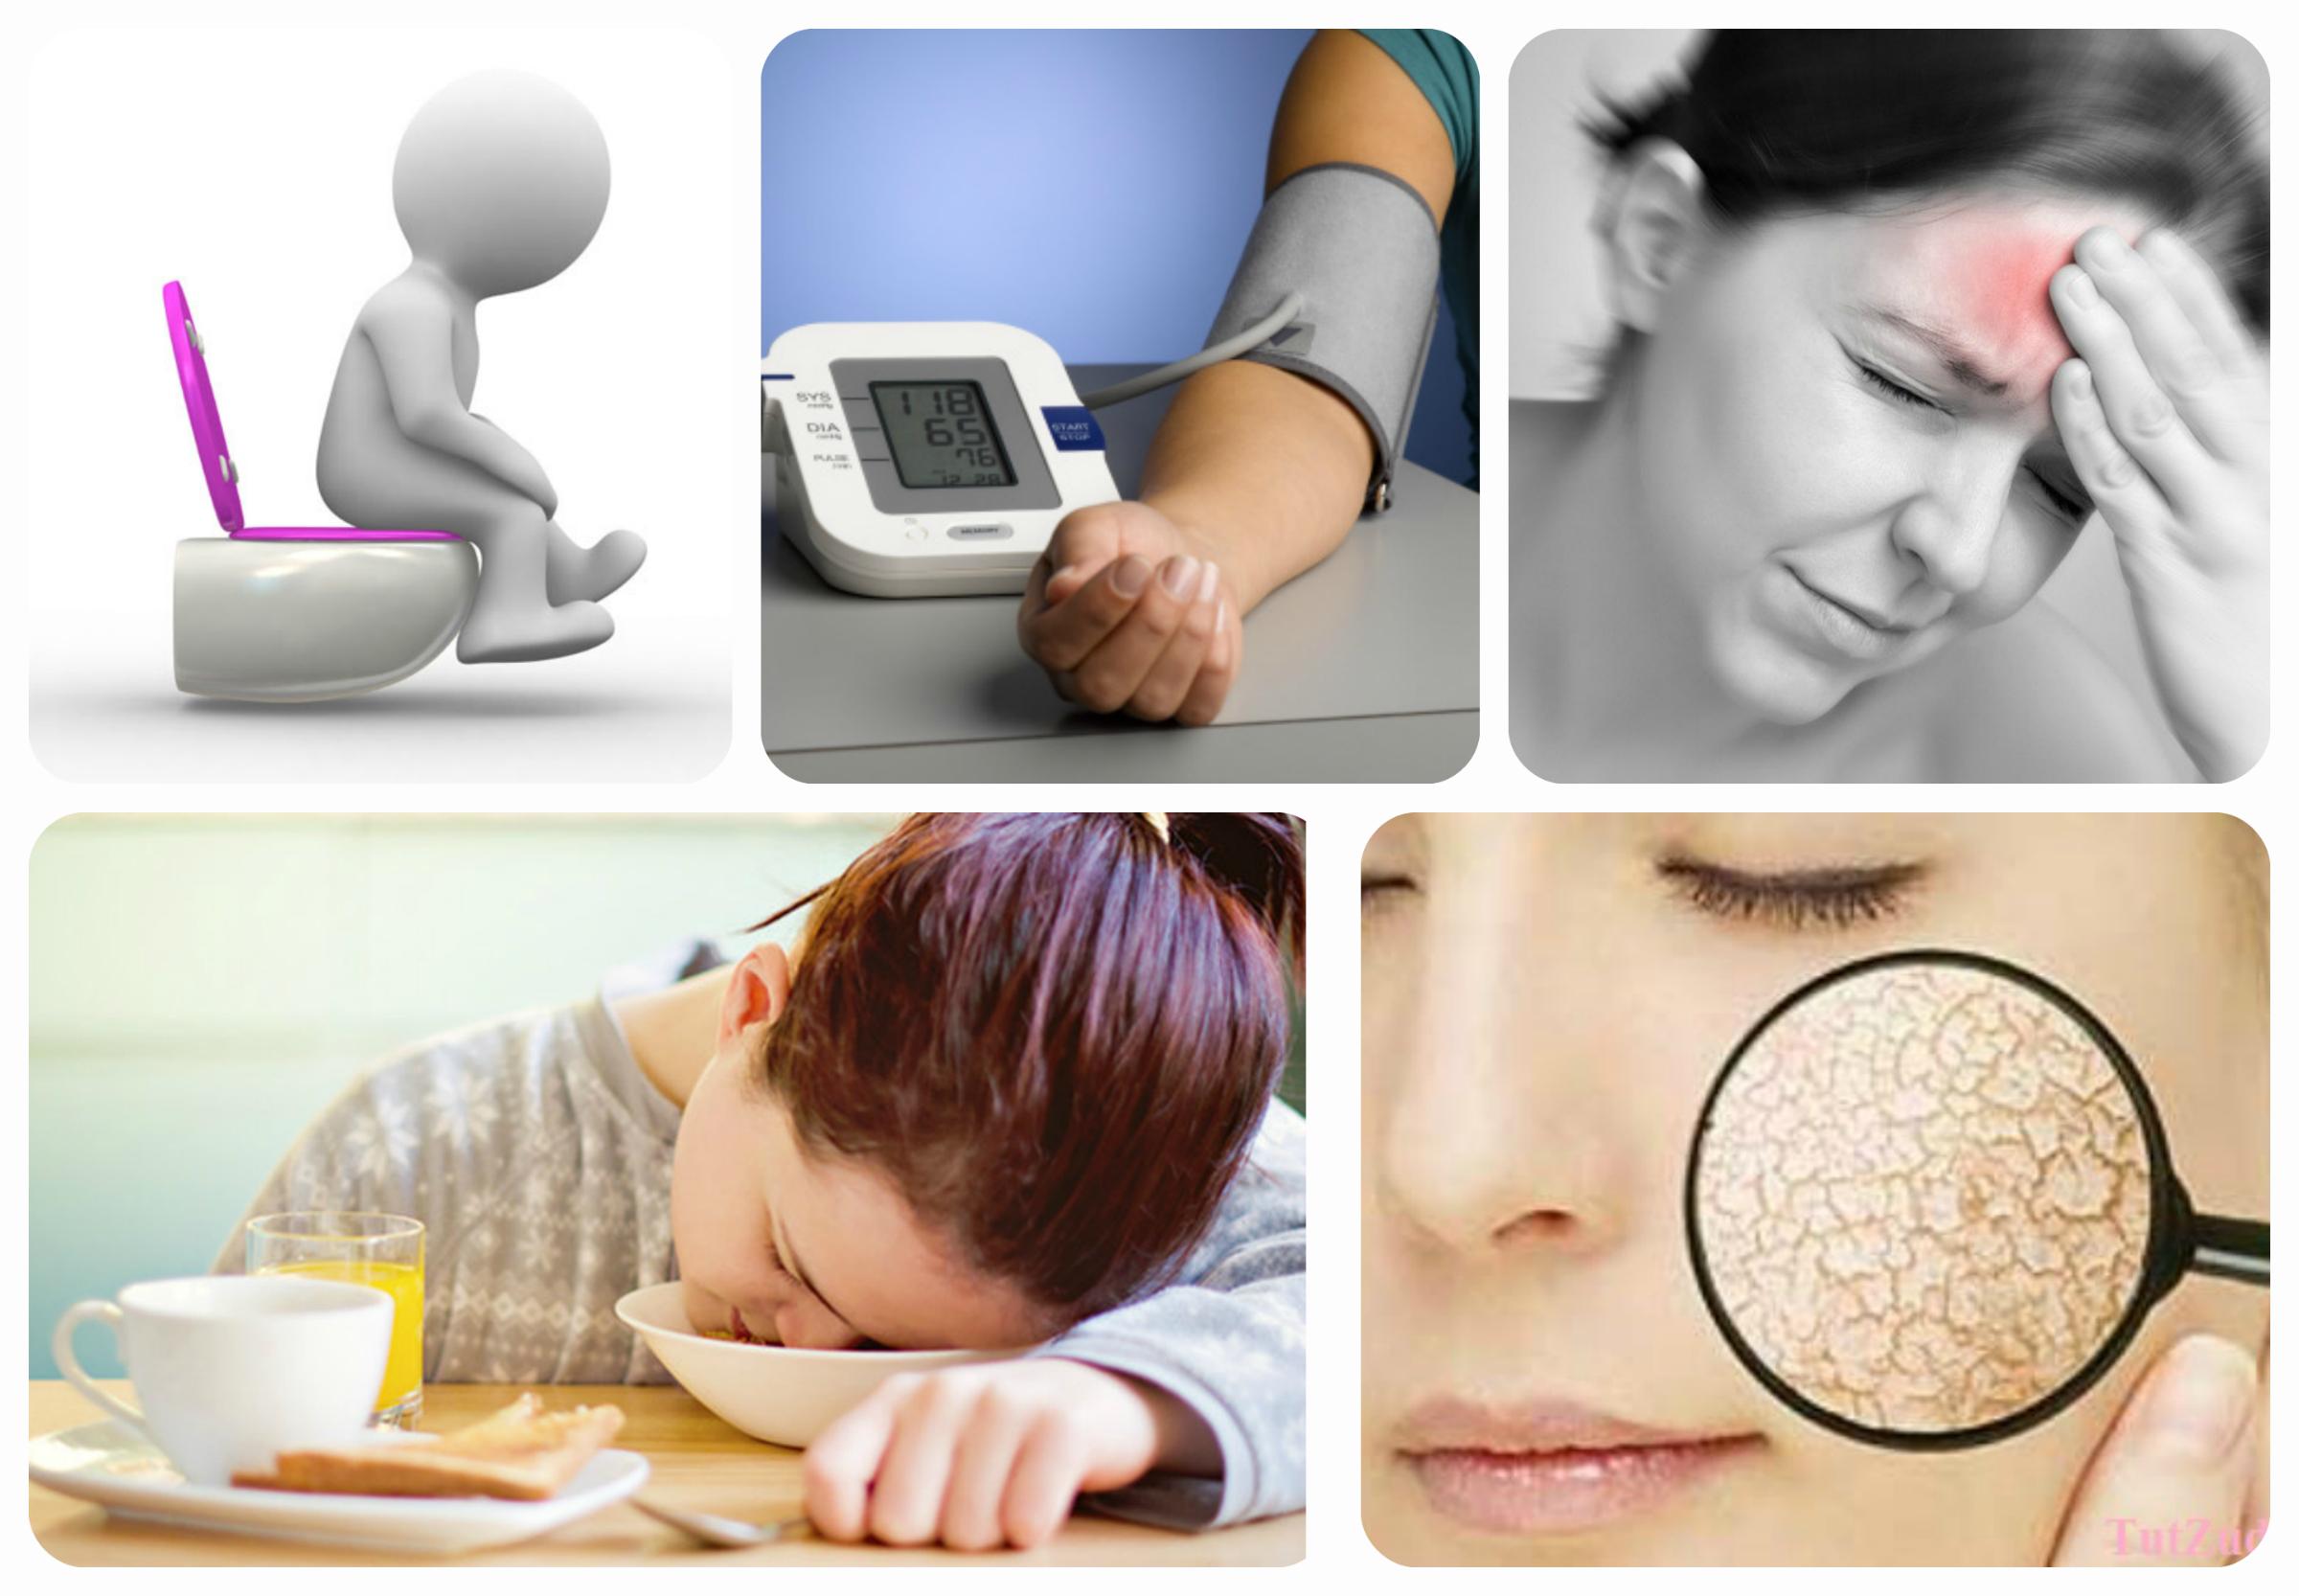 головная боль, нарушение стула, сухость кожи,усталость